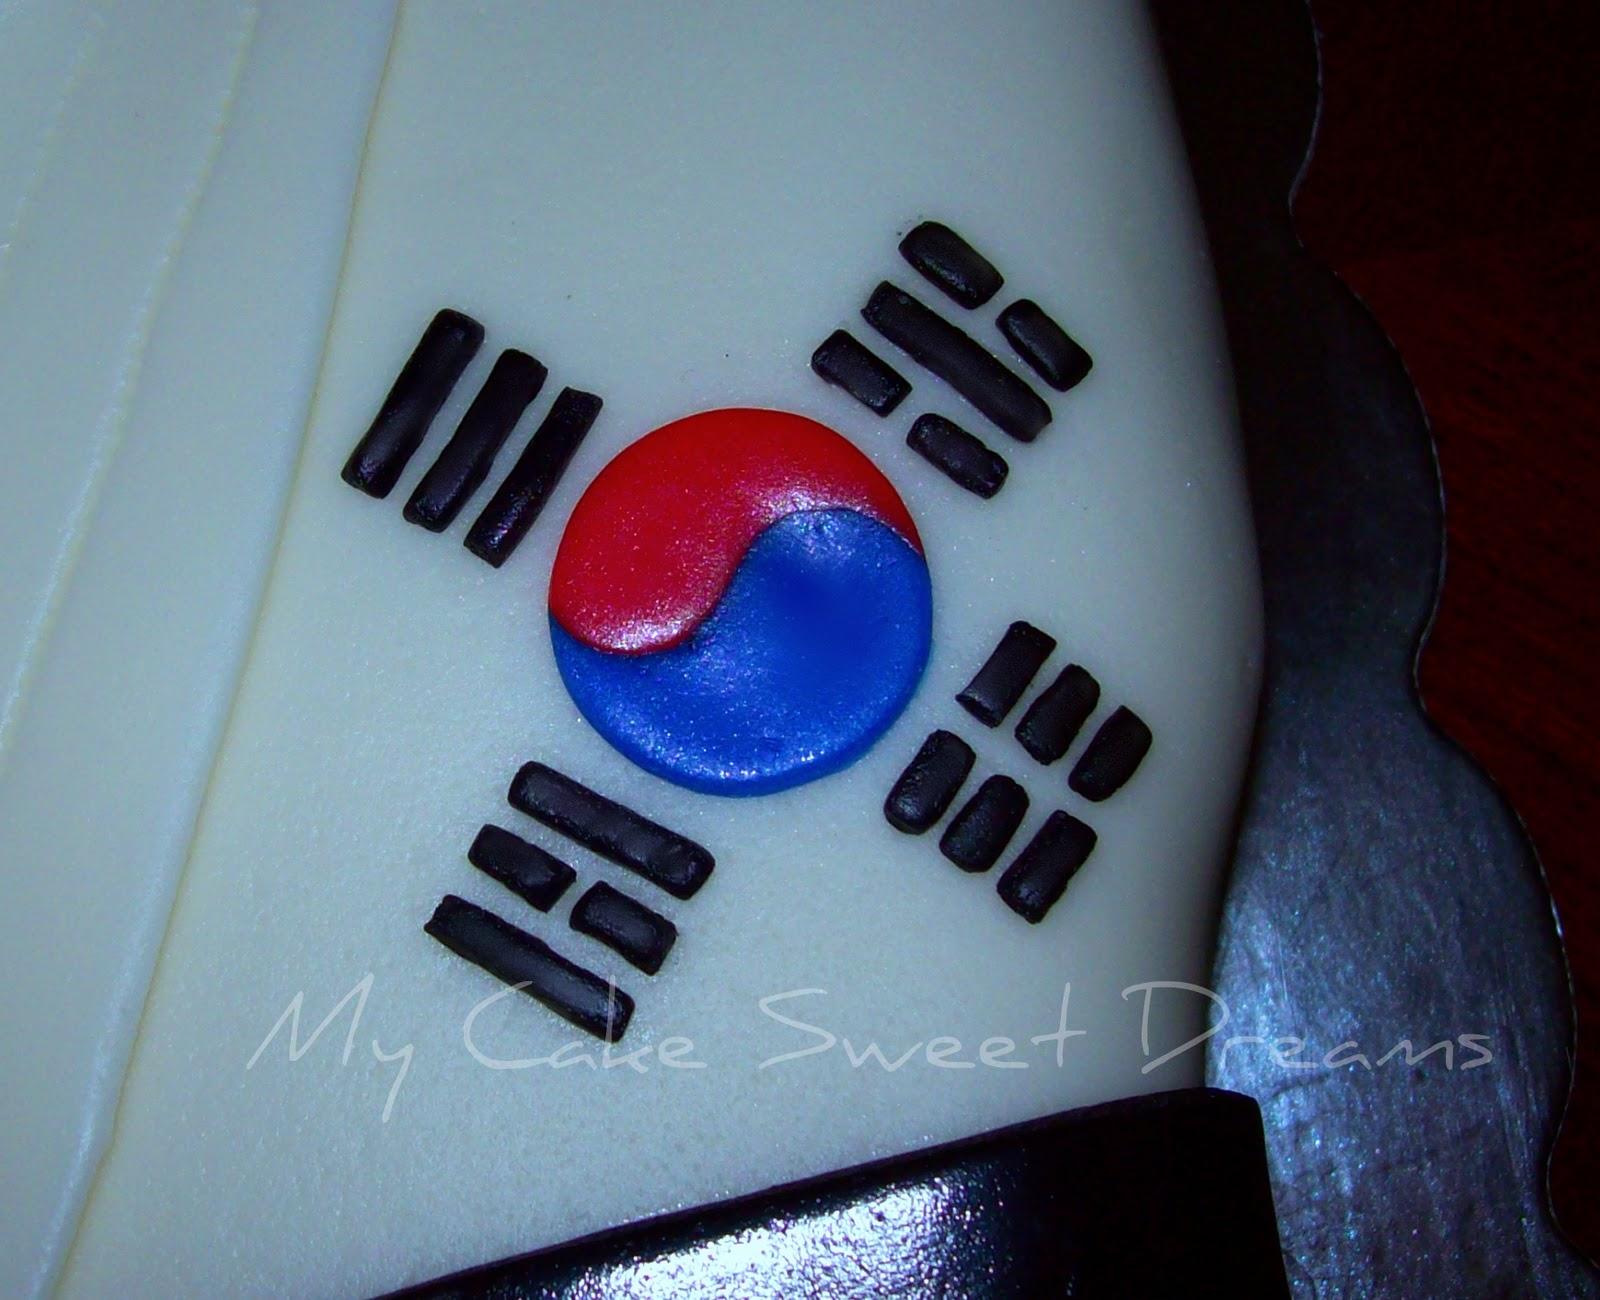 Taekwondo Symbols And ...